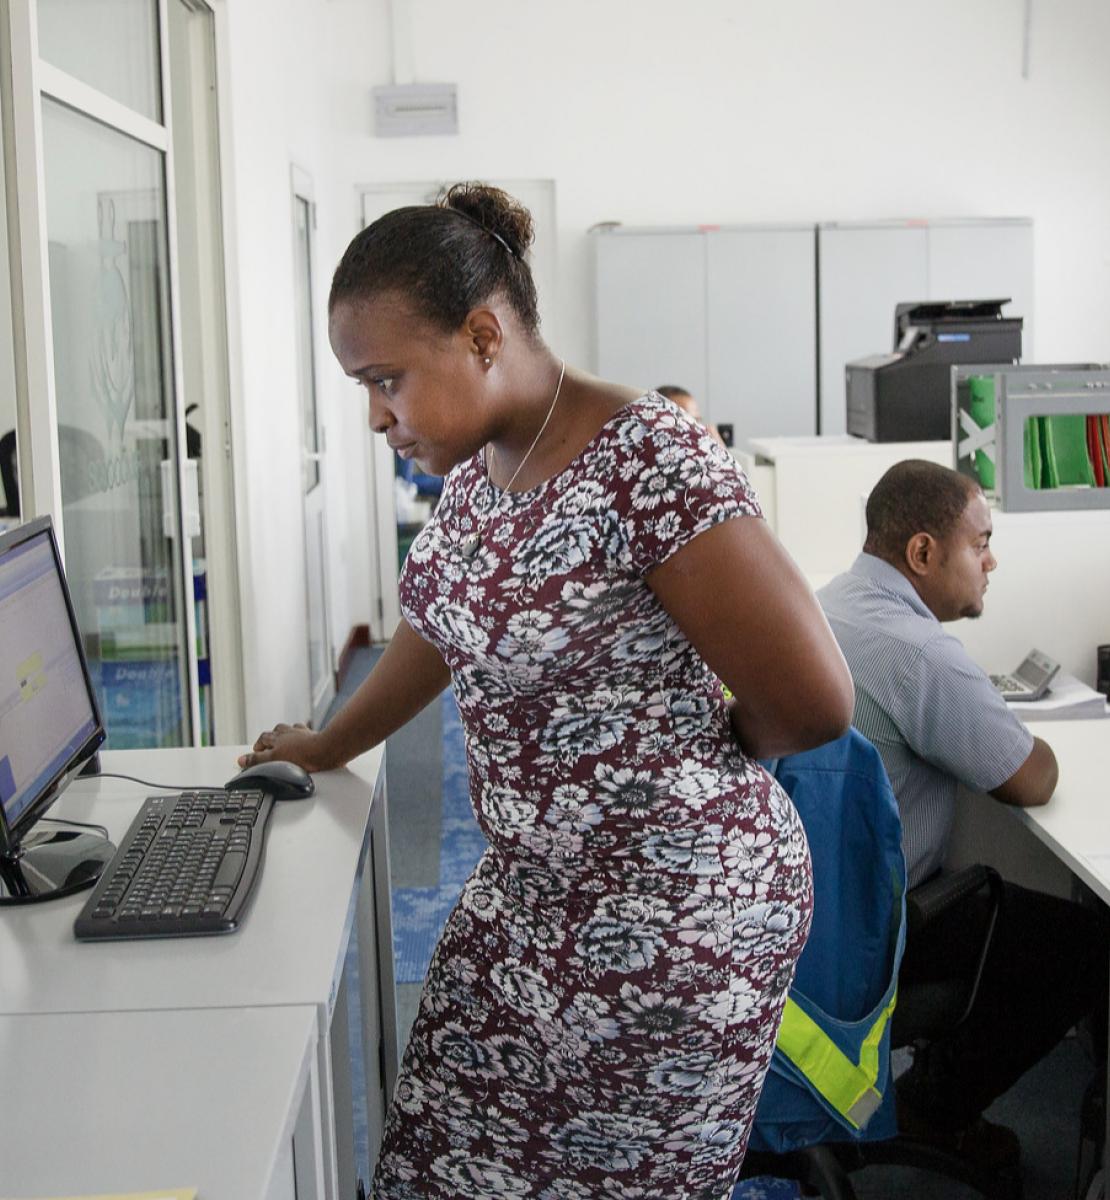 Женщина в платье работает за компьютером, а мужчина рядом с ней работает, сидя за своим столом.